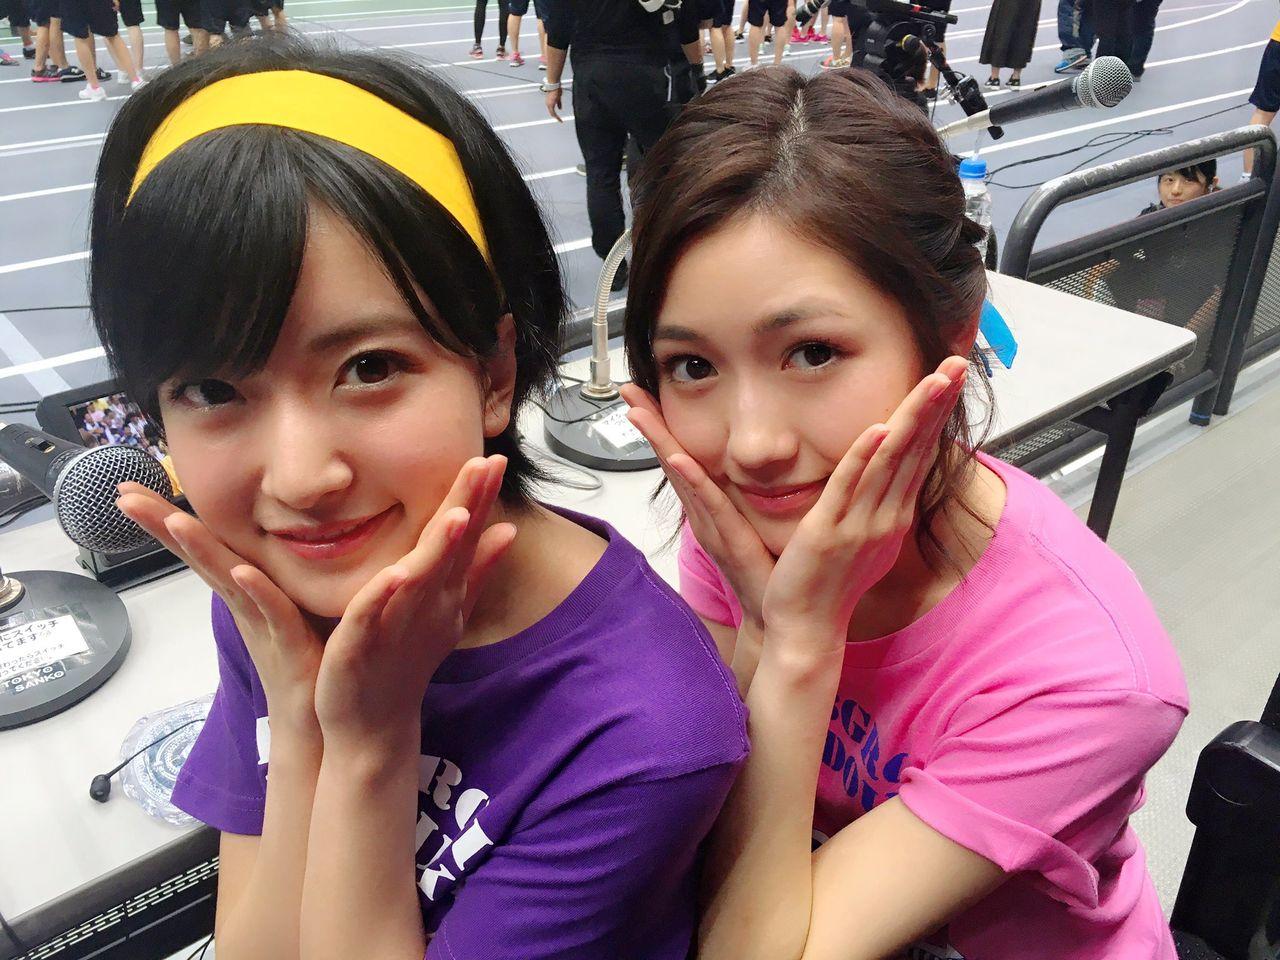 【速報】AKB48グループ運動会全種目が終了!最下位罰ゲームはあのチームwwwwww【画像・実況まとめ】